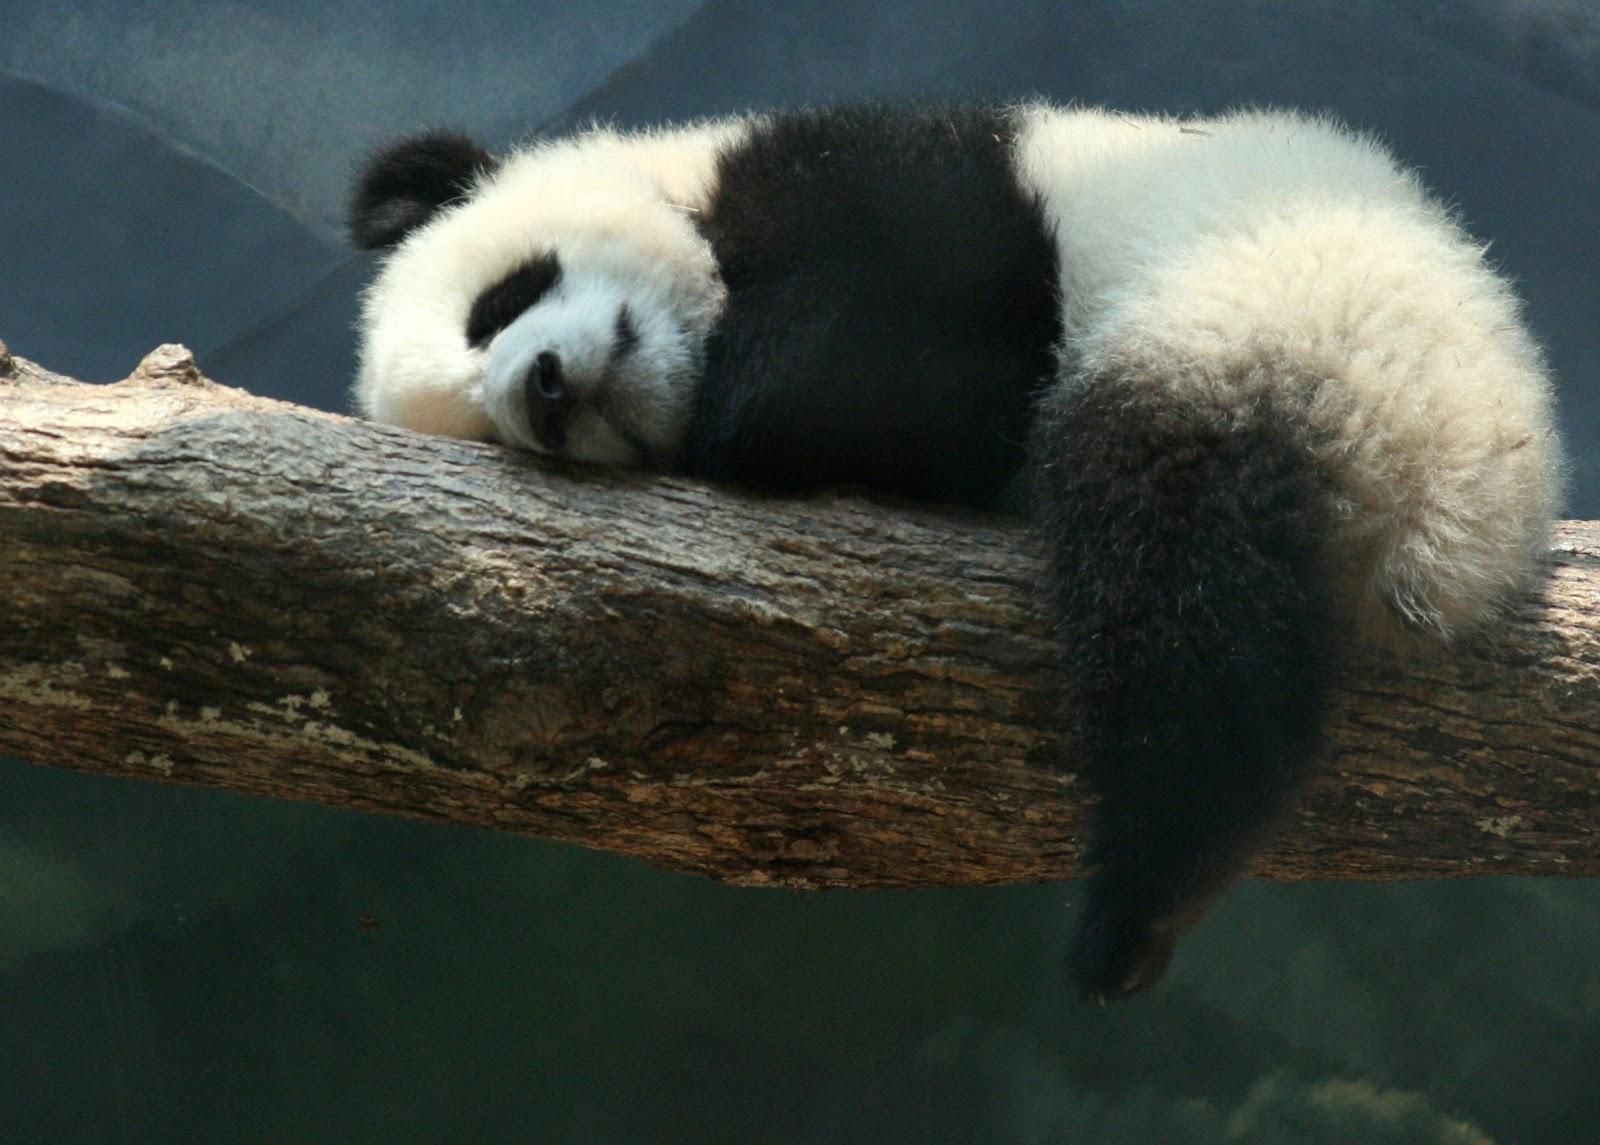 木の枝に寝そべっている生後六ヵ月の赤ちゃんパンダ